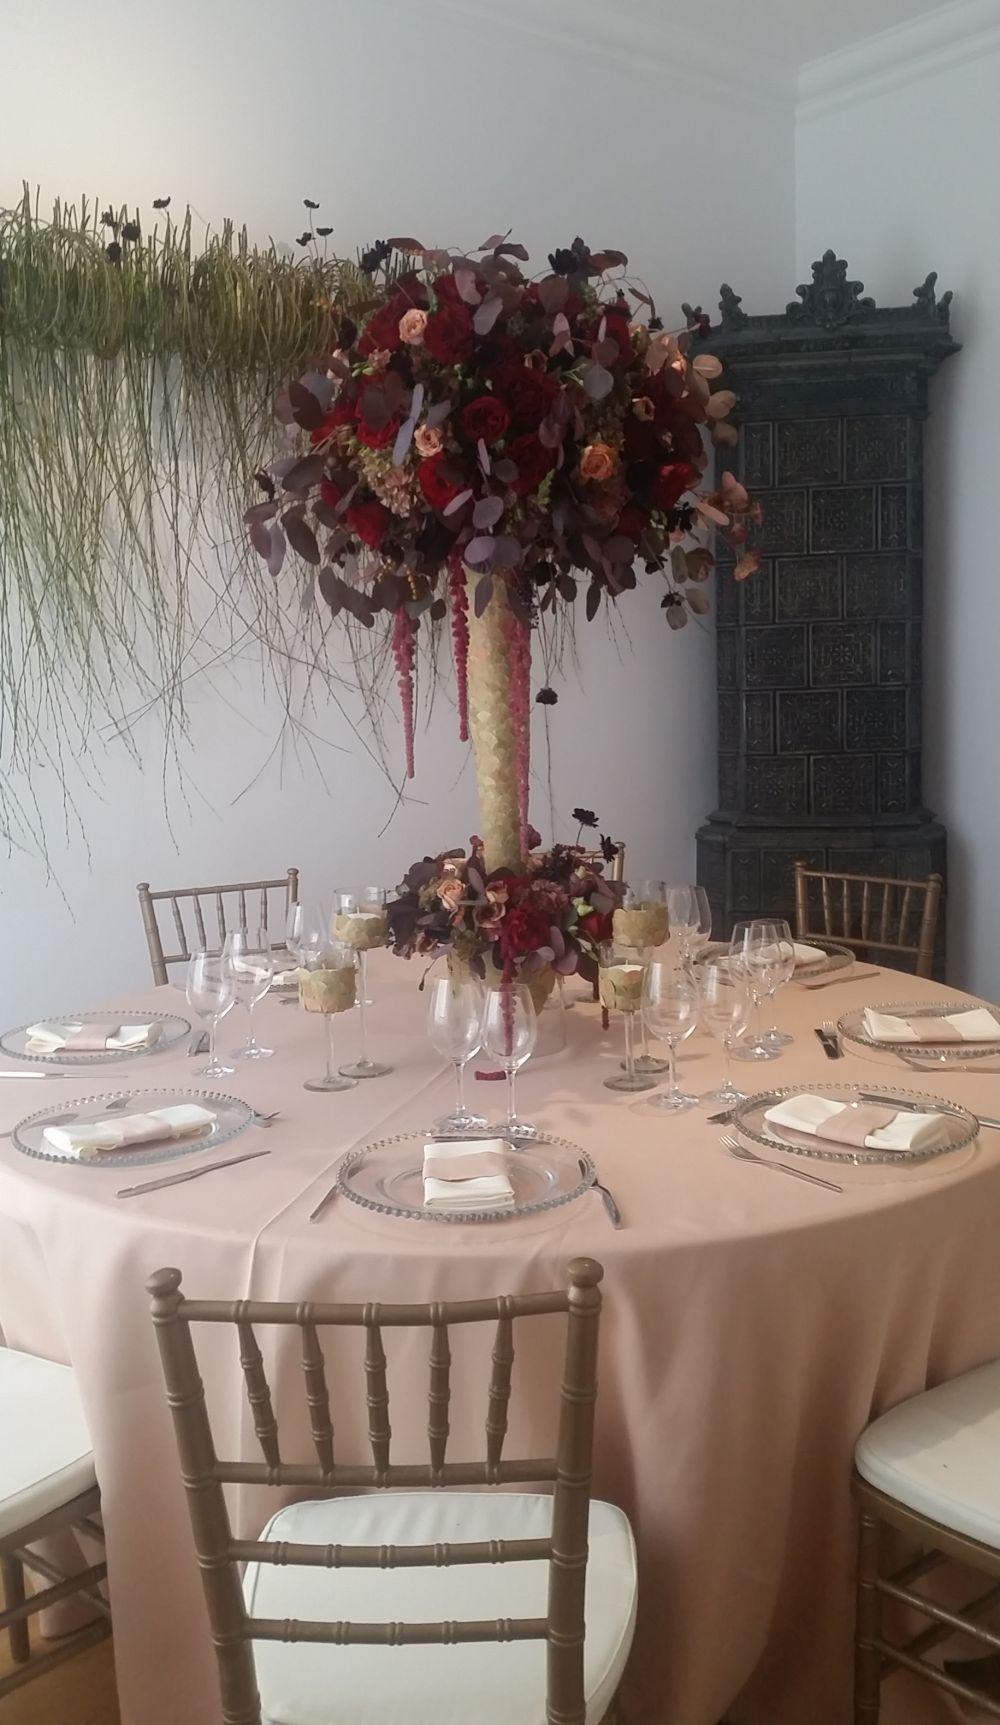 adelaparvu-com-despre-the-wedding-gallery-2016-floraria-iris-design-nicu-bocancea-44